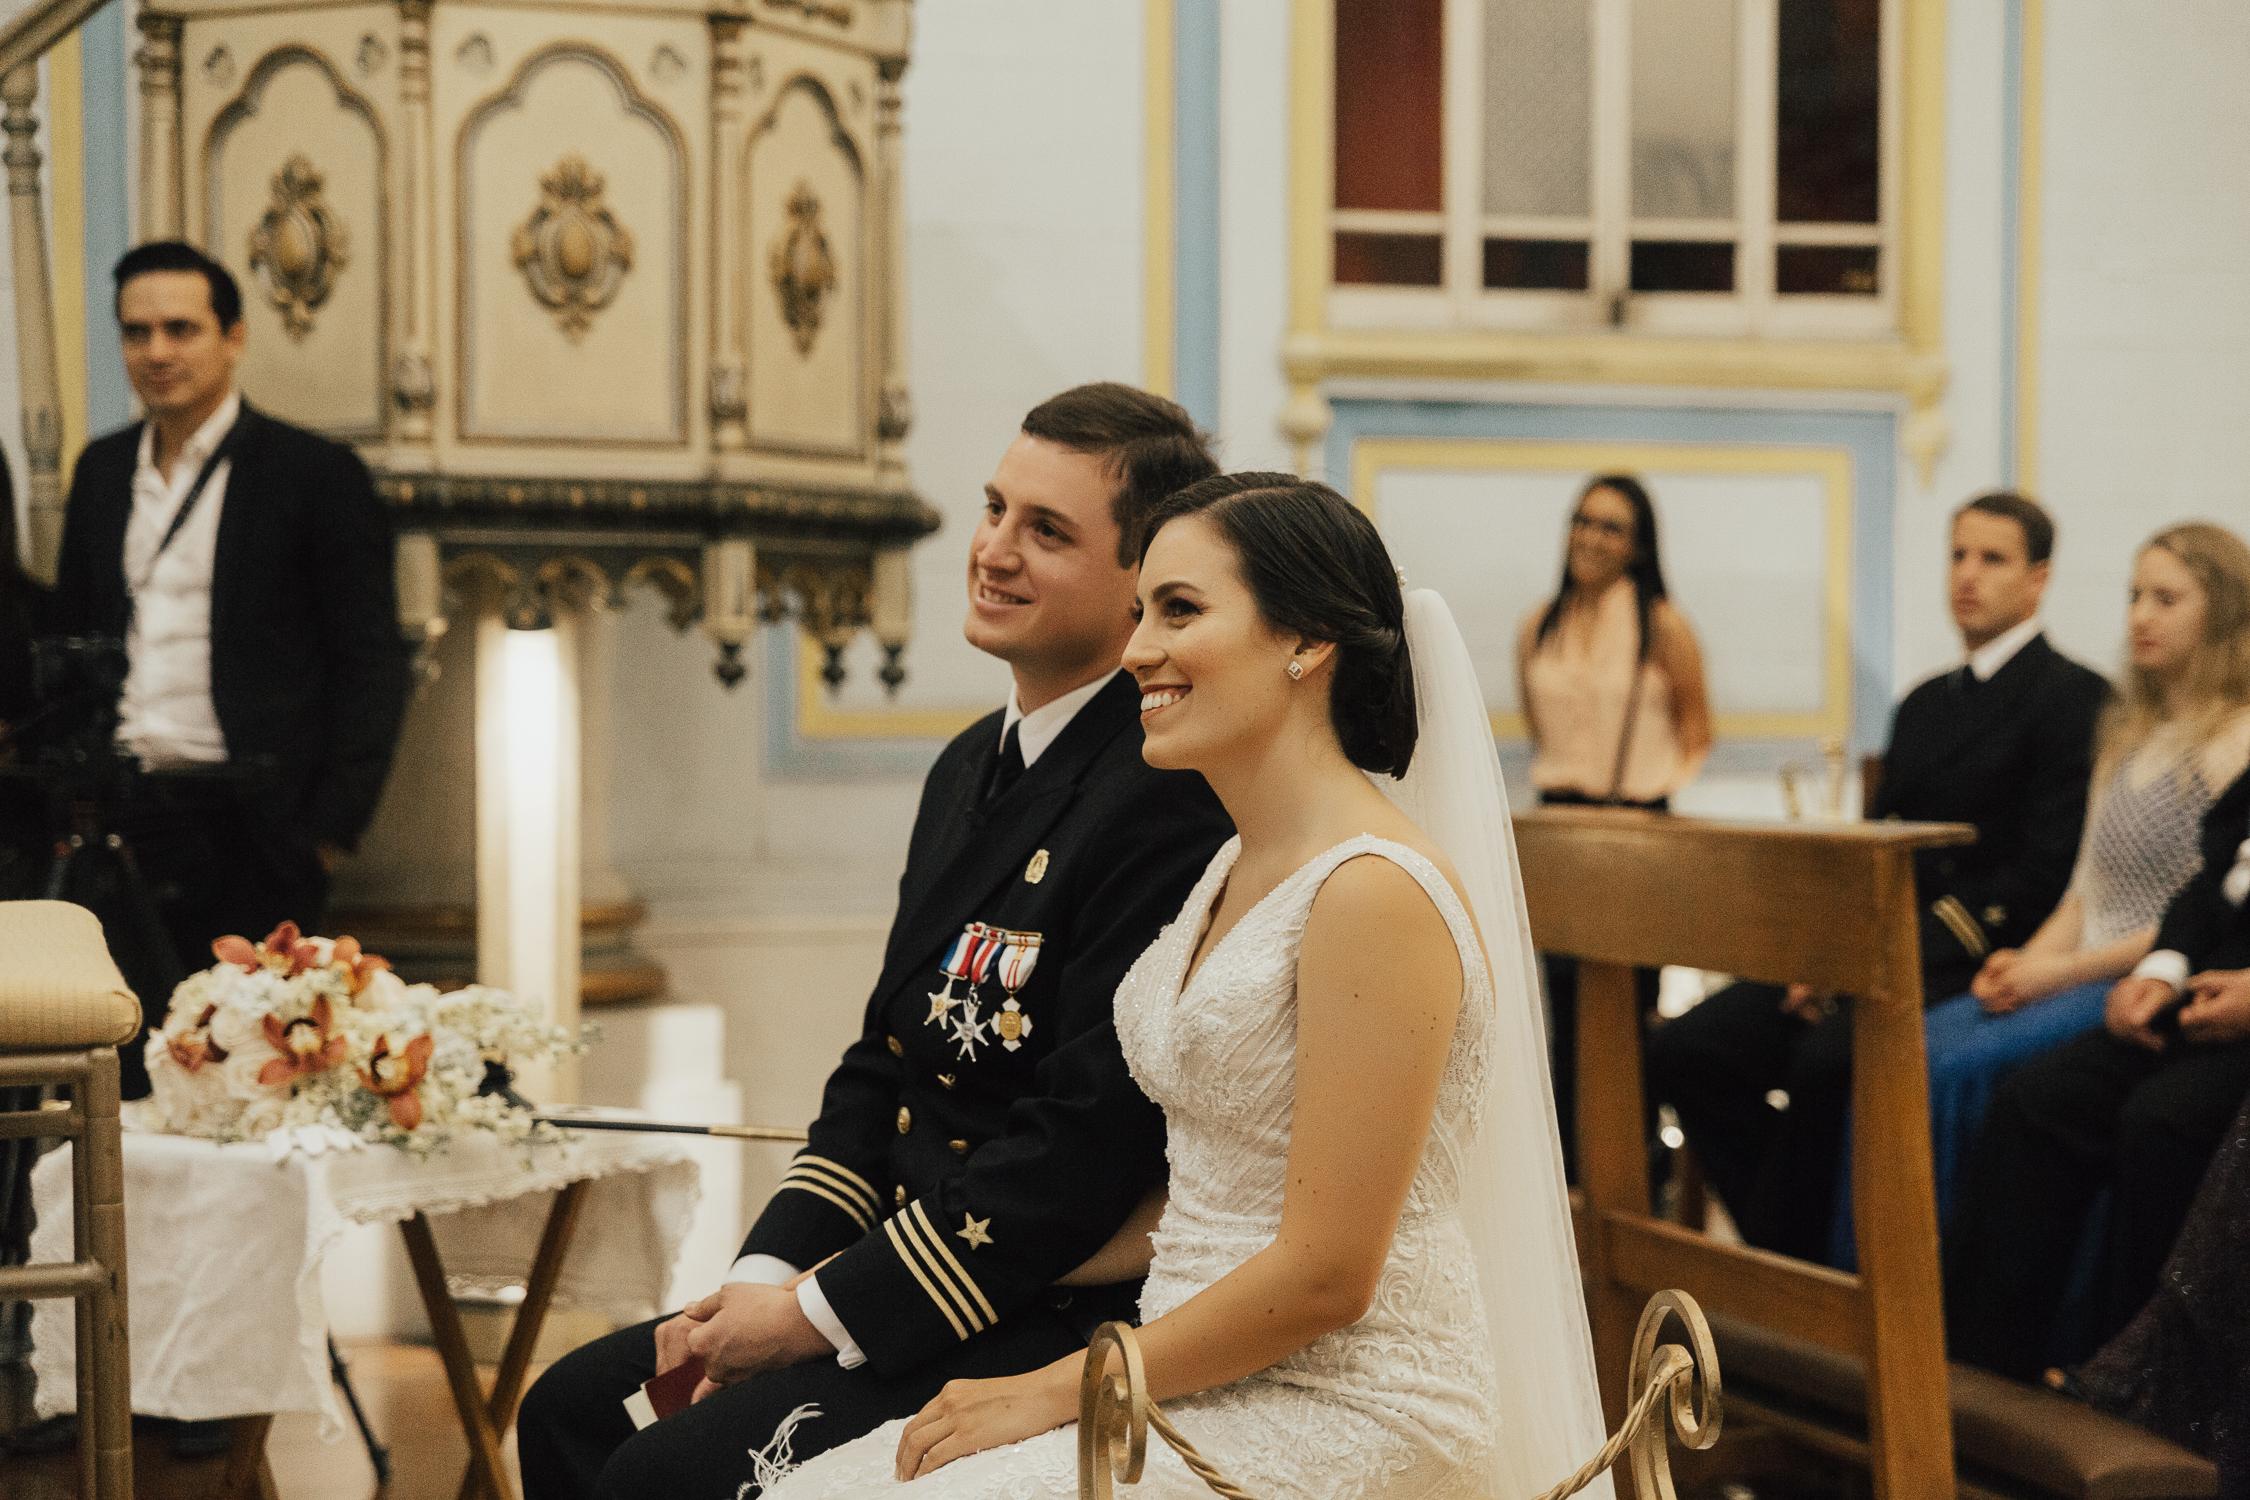 Michelle-Agurto-Fotografia-Bodas-Ecuador-Destination-Wedding-Photographer-Ecuador-Mercedes-Alvaro-63.JPG